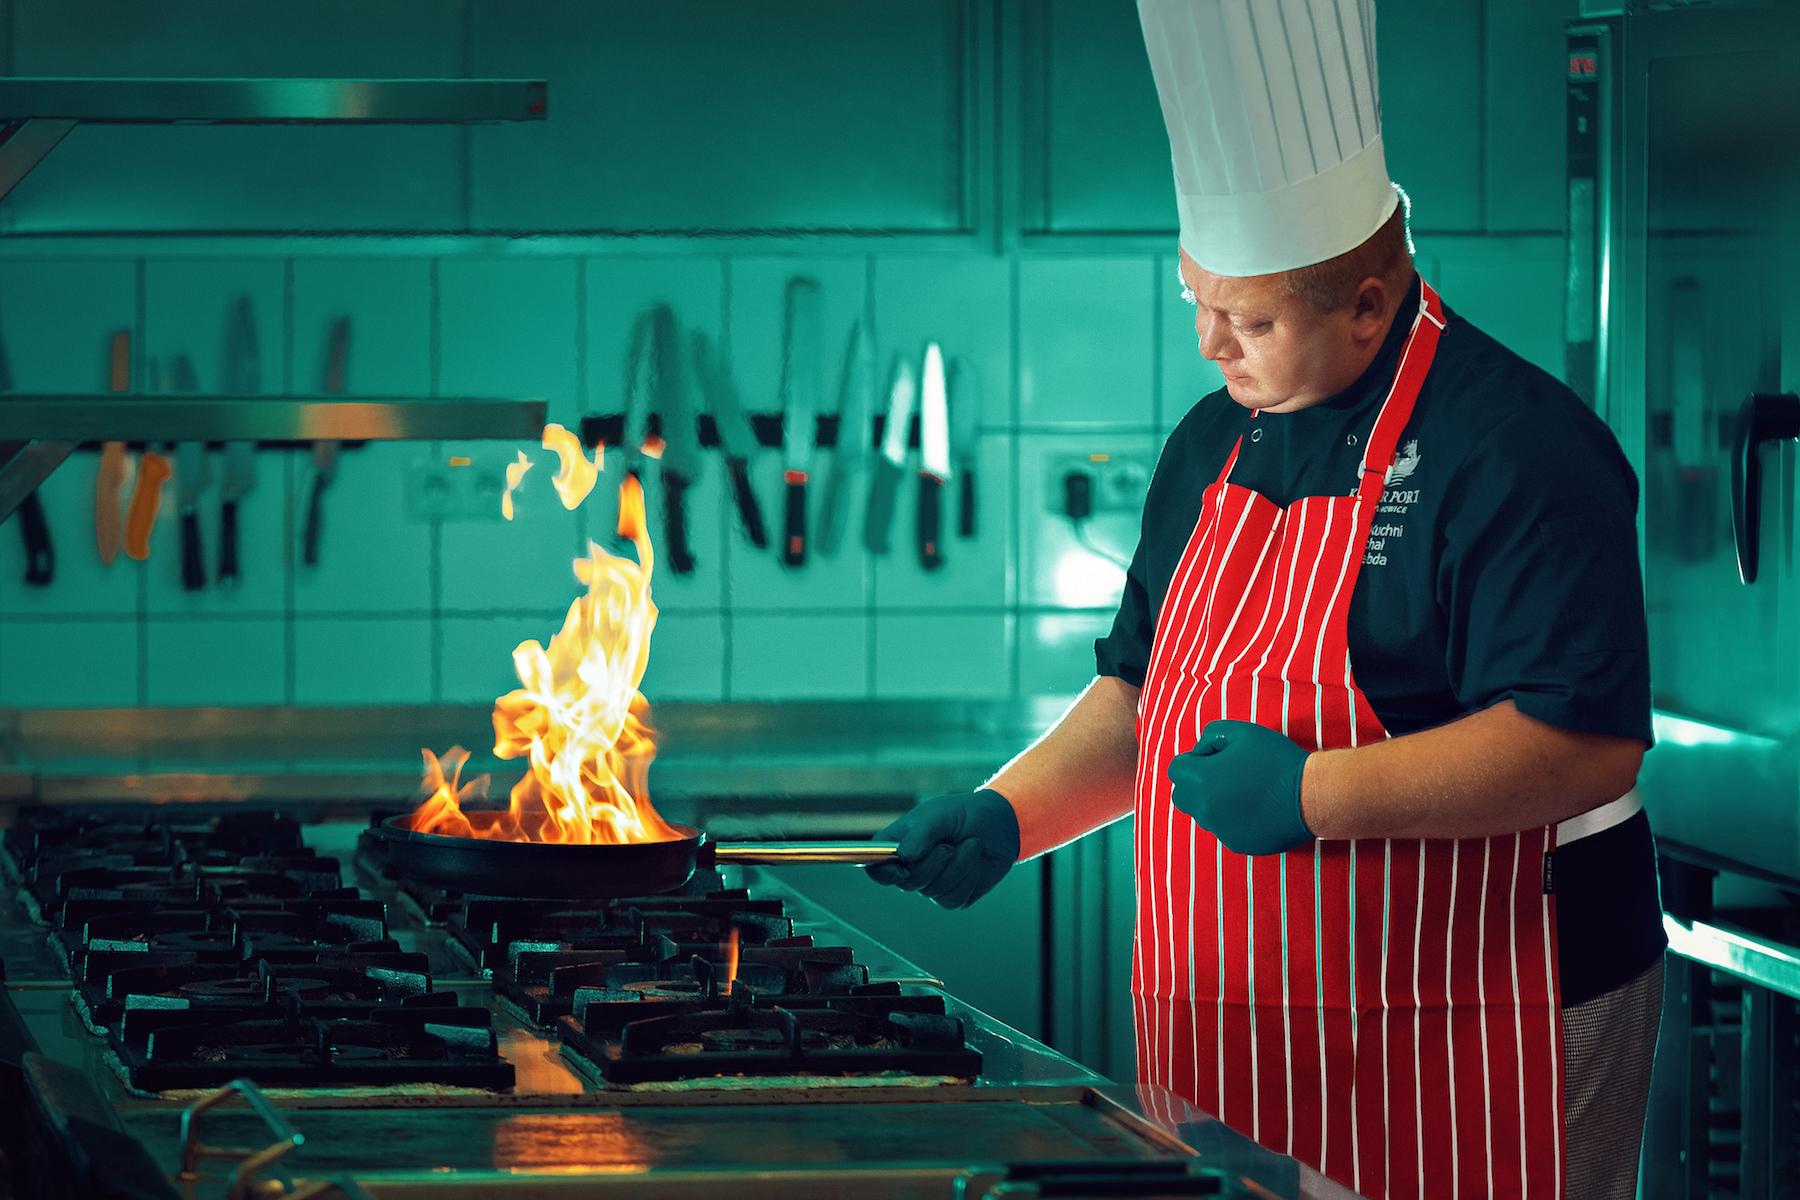 Szef kuchni zdradza przepis na dorsza w pergaminie